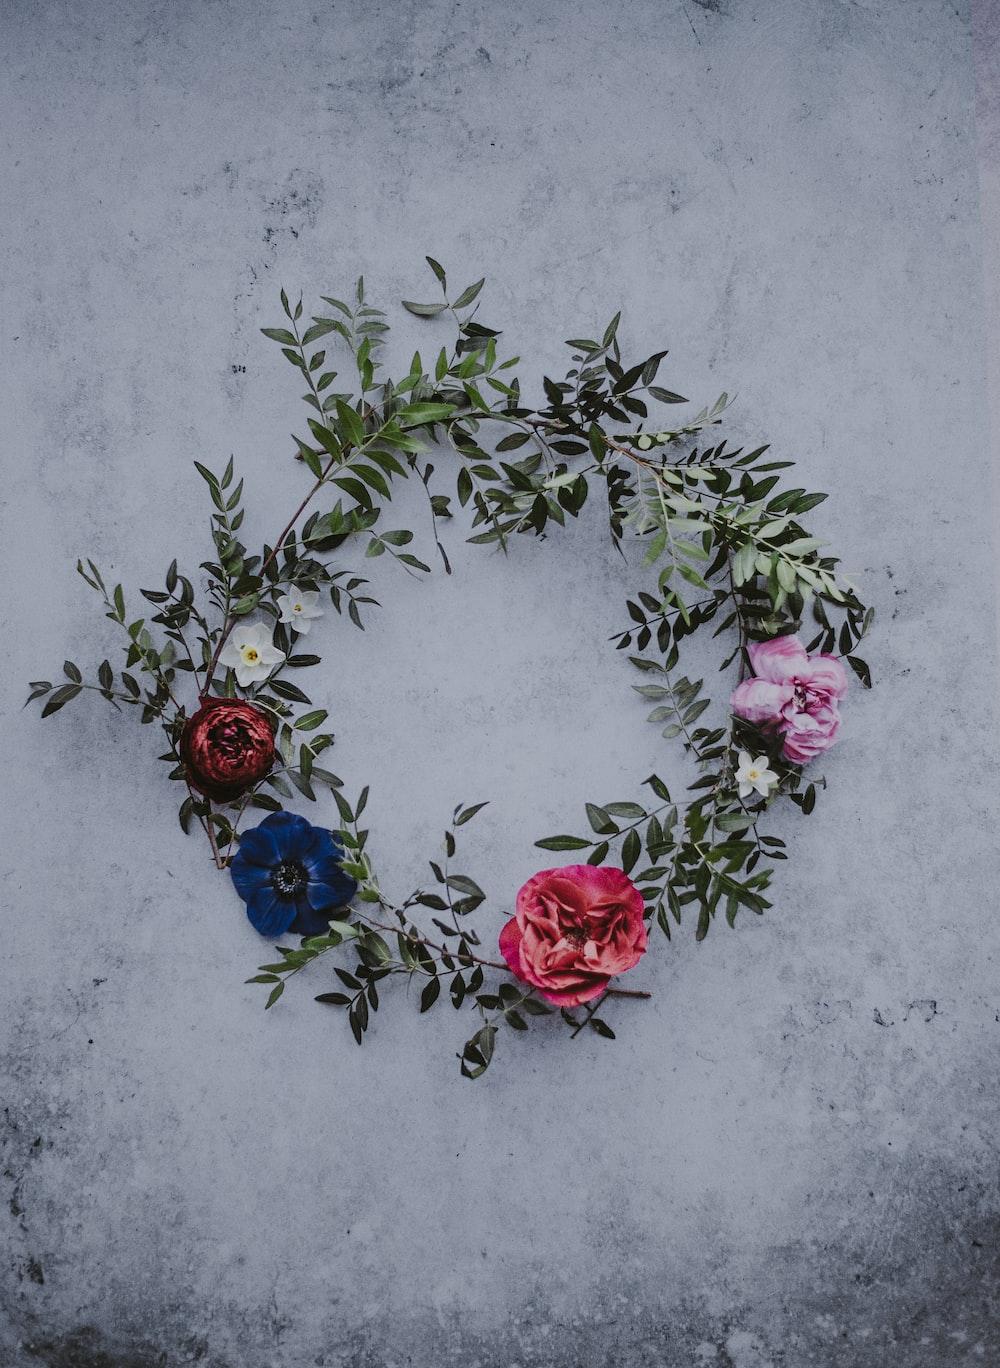 Floral wreath photo by annie spratt anniespratt on unsplash red blue and white flower wreath on white concrete izmirmasajfo